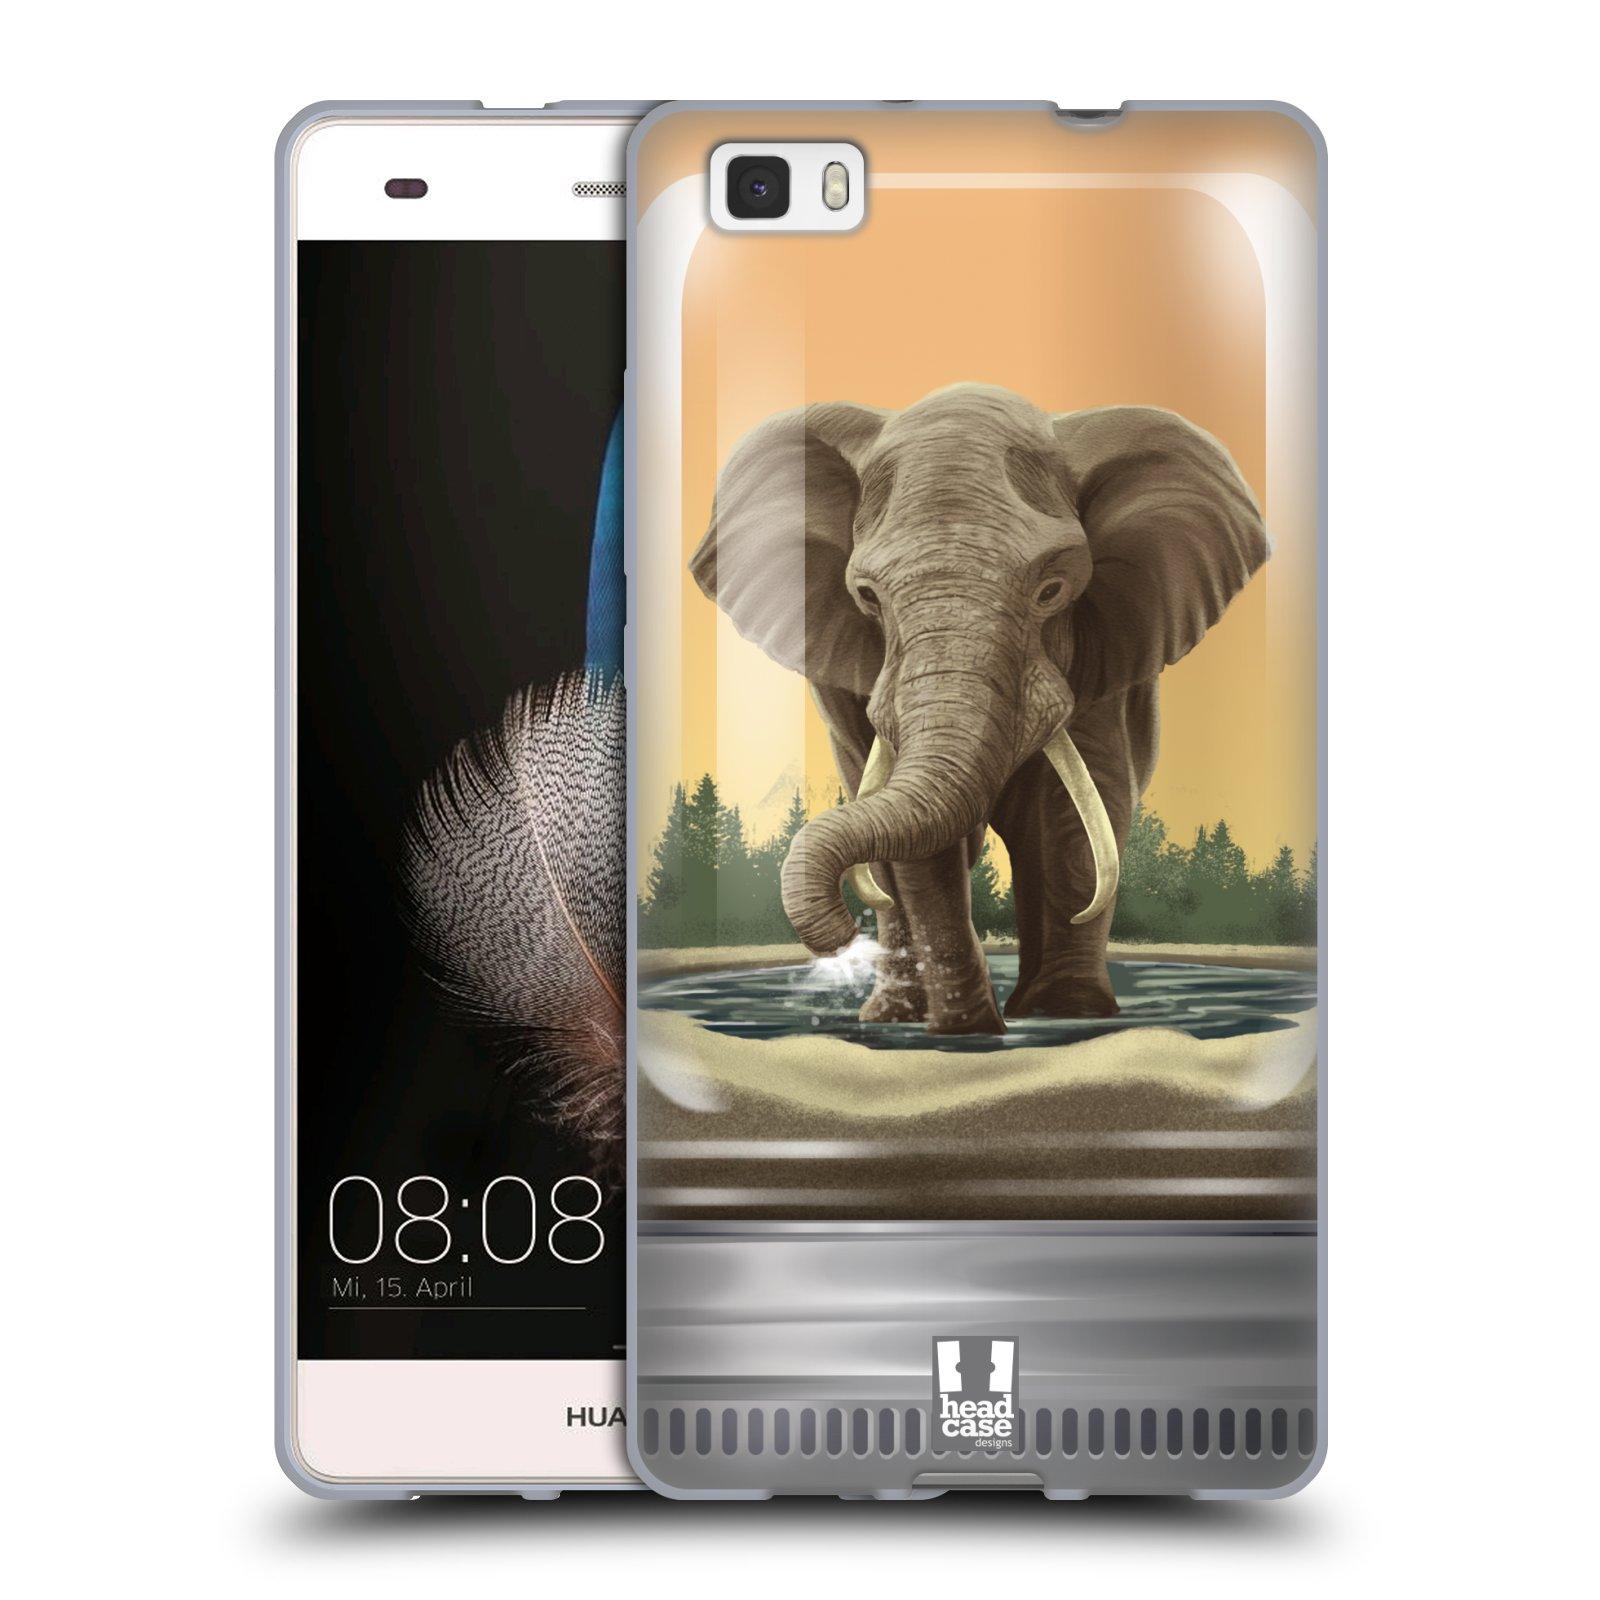 HEAD CASE silikonový obal na mobil HUAWEI P8 LITE vzor Zvířátka v těžítku slon